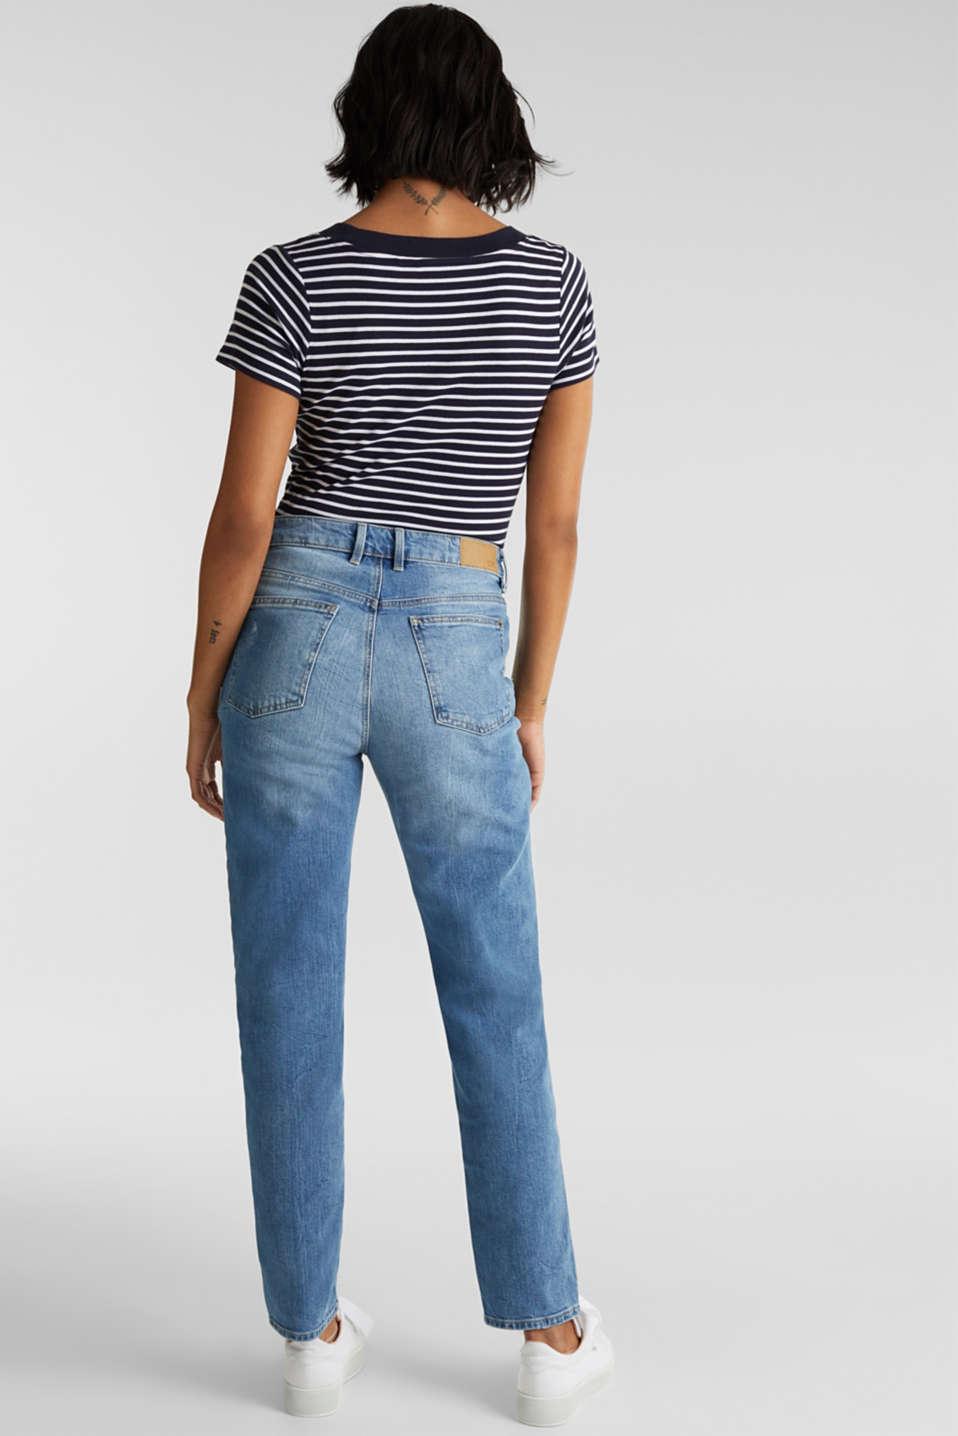 Jeans with vintage details, BLUE LIGHT WASH, detail image number 3